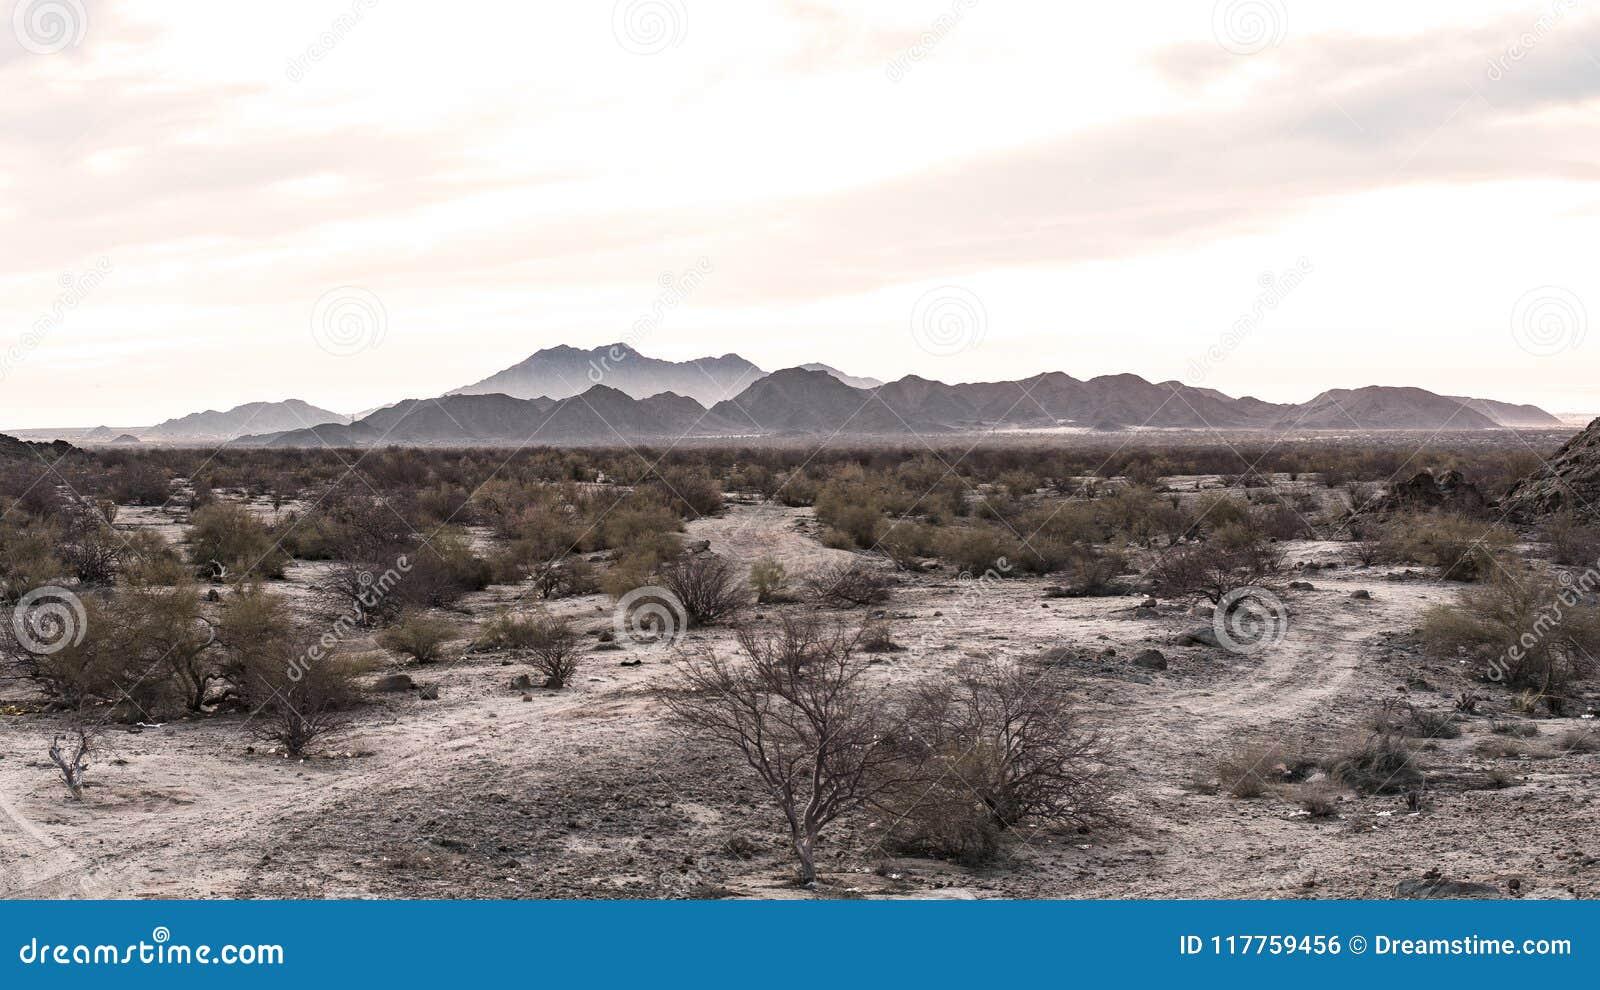 Sepiaökenlandskap med berg i bakgrunden